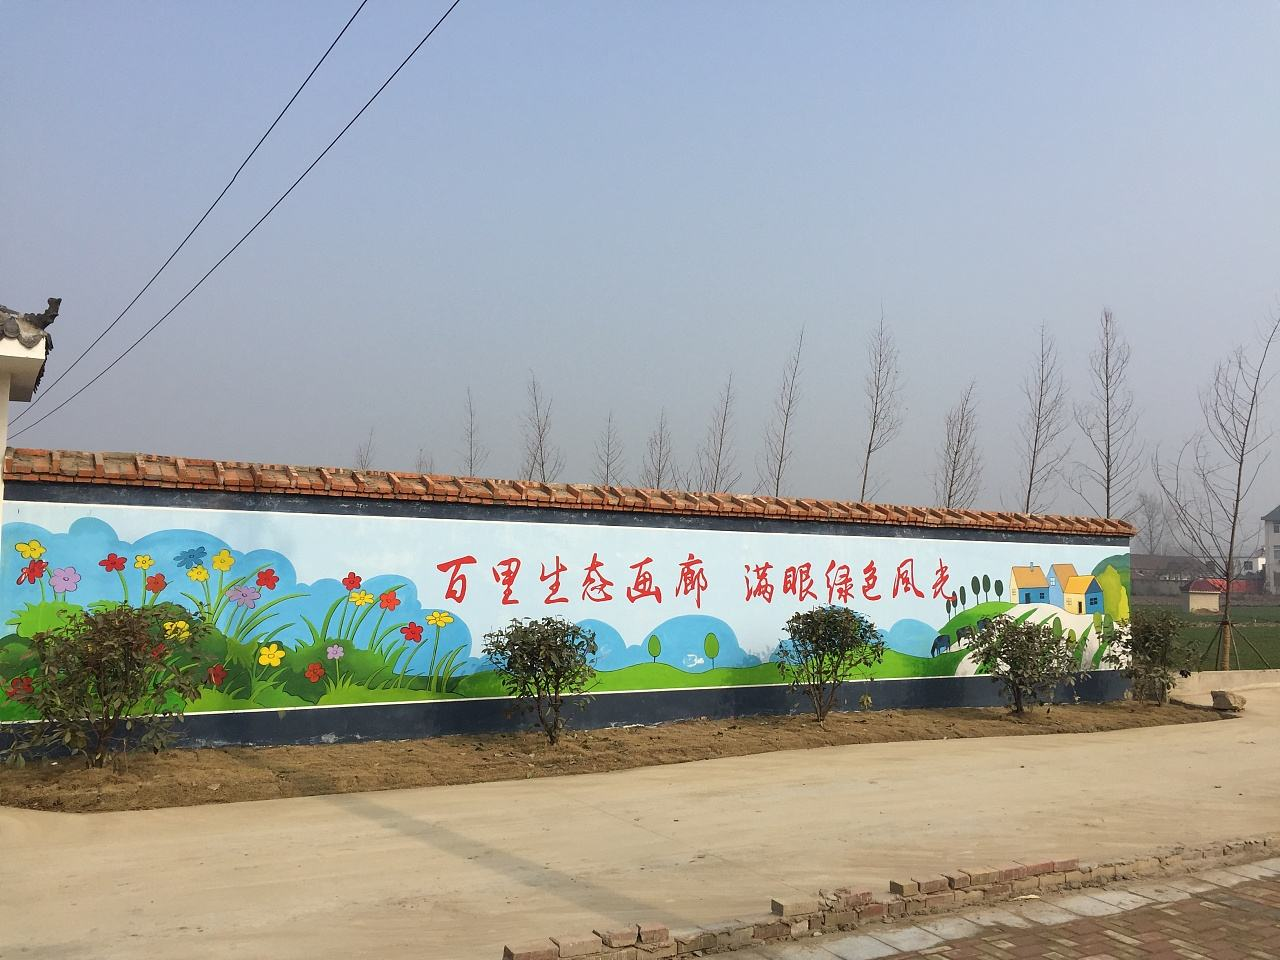 钟祥市美丽乡村建设文化墙彩绘